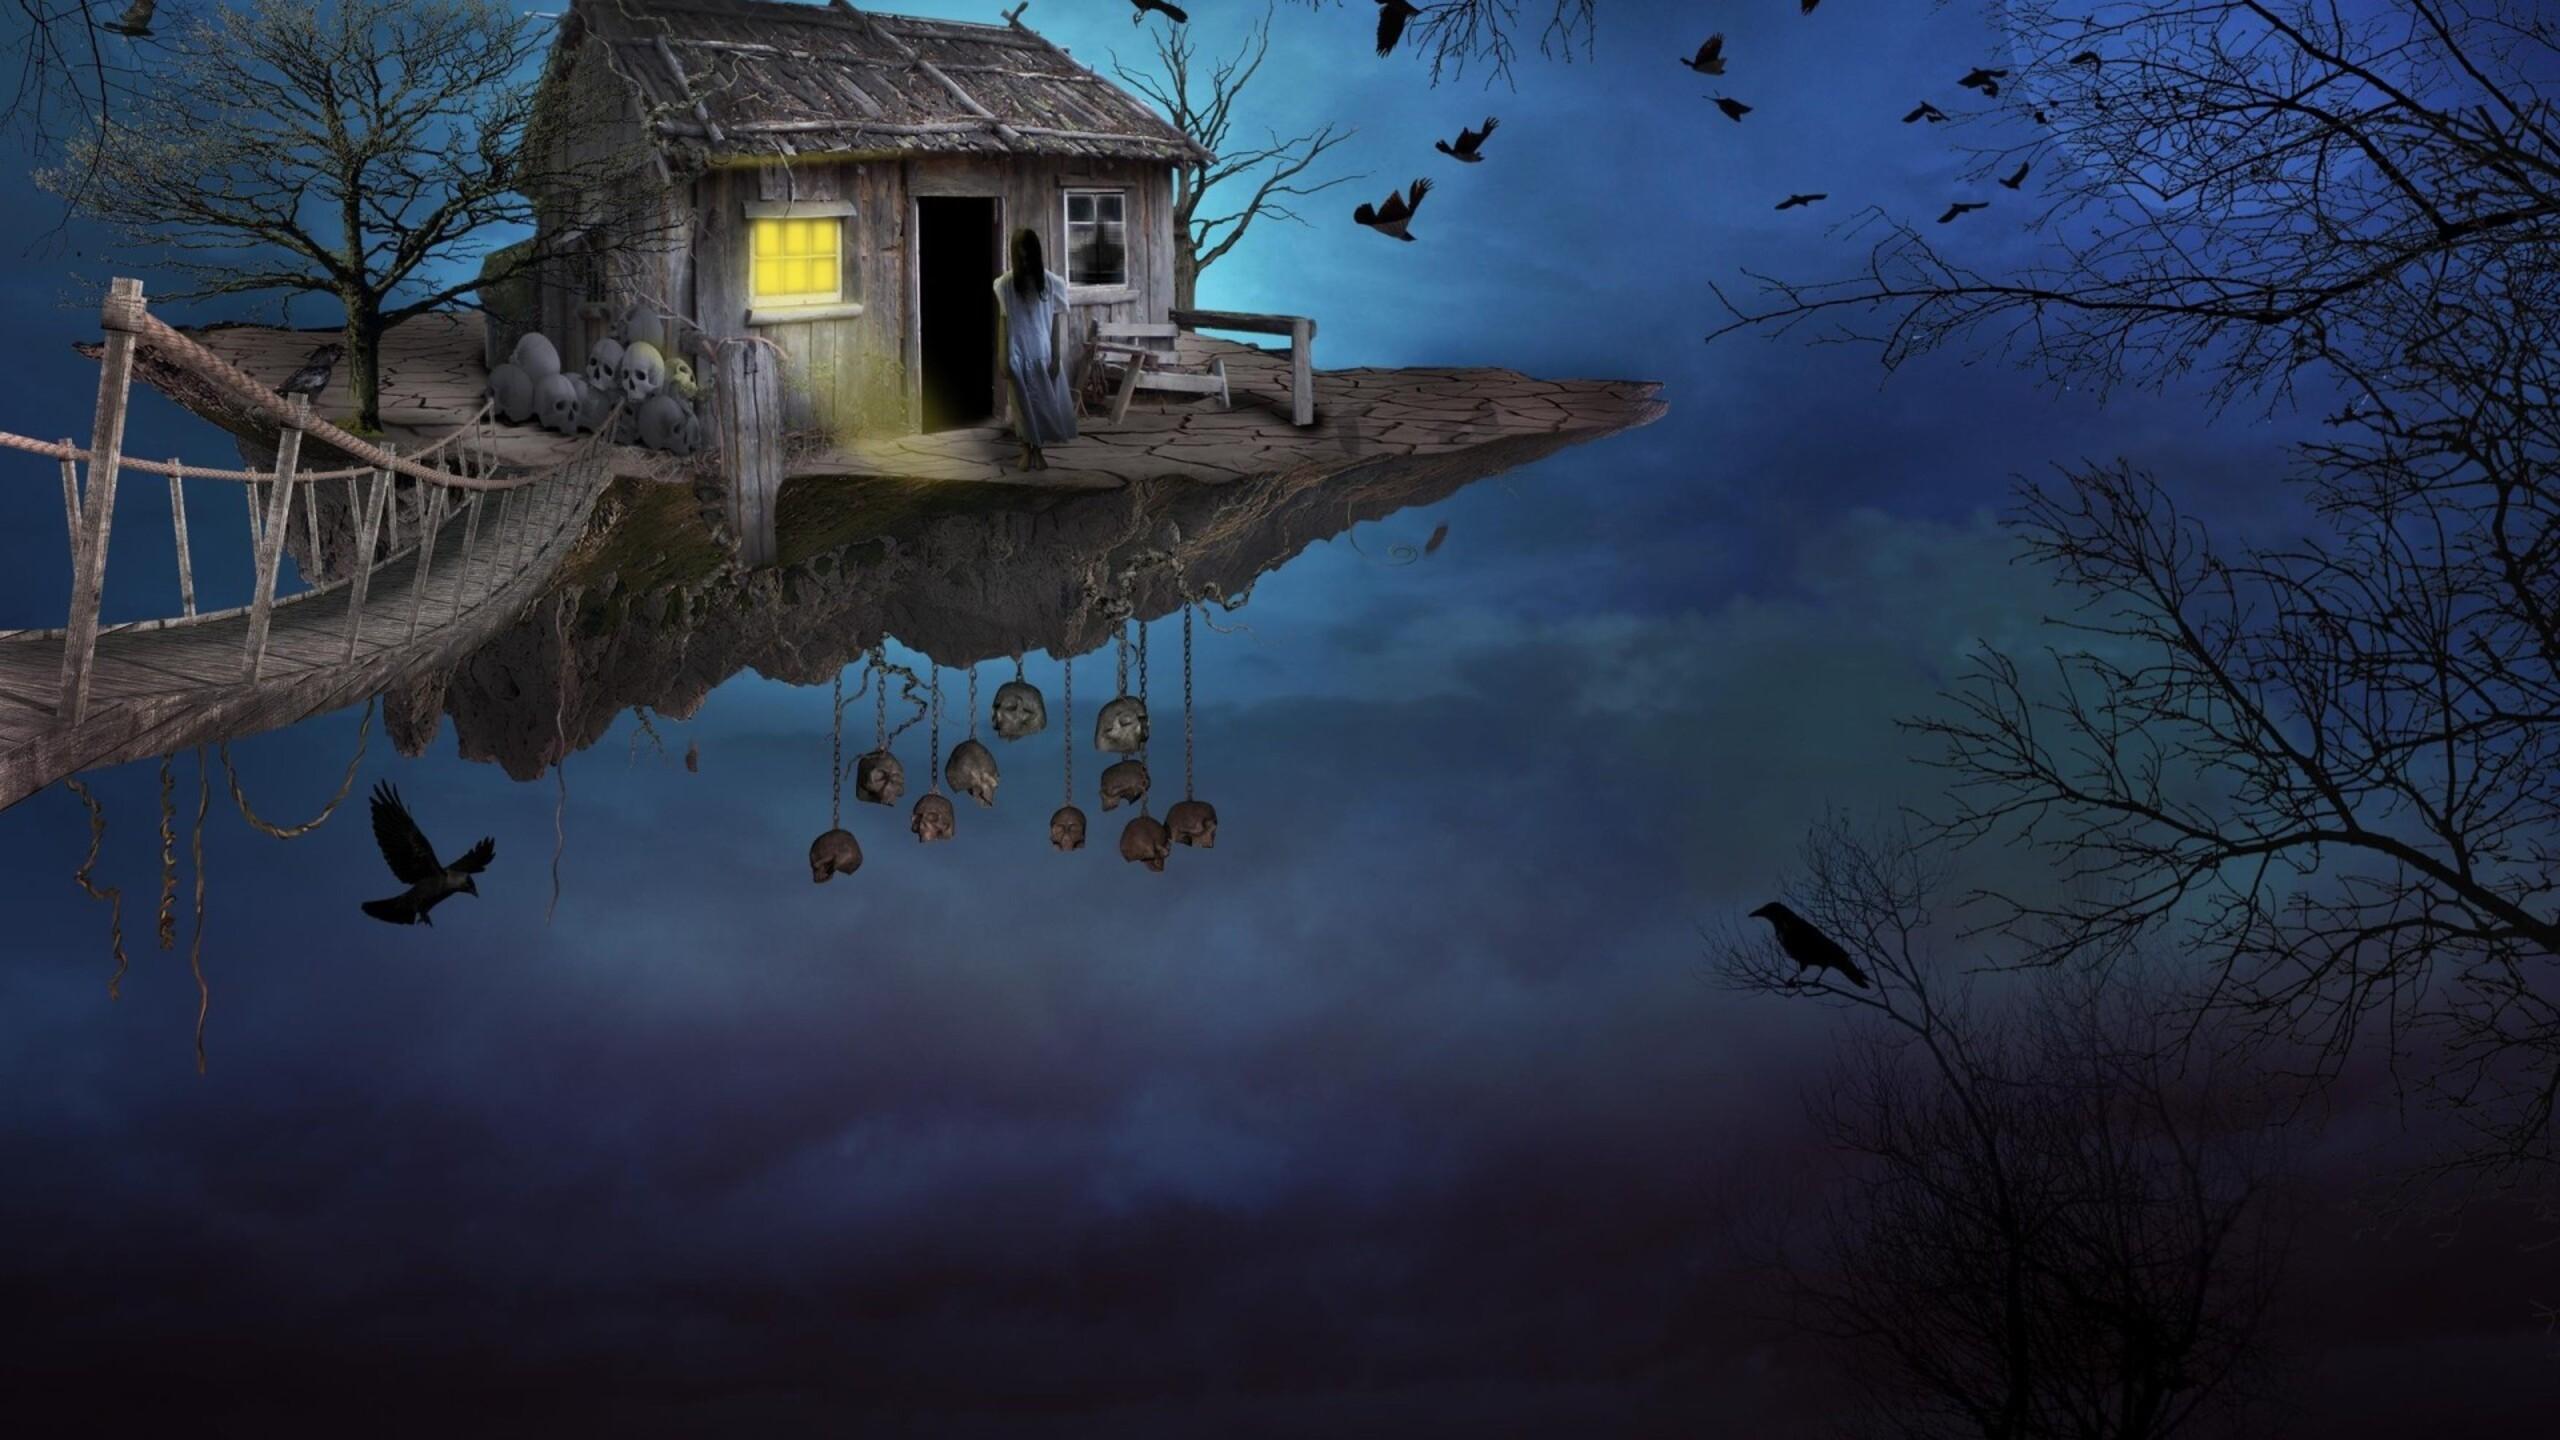 gothic-fantasy-house.jpg